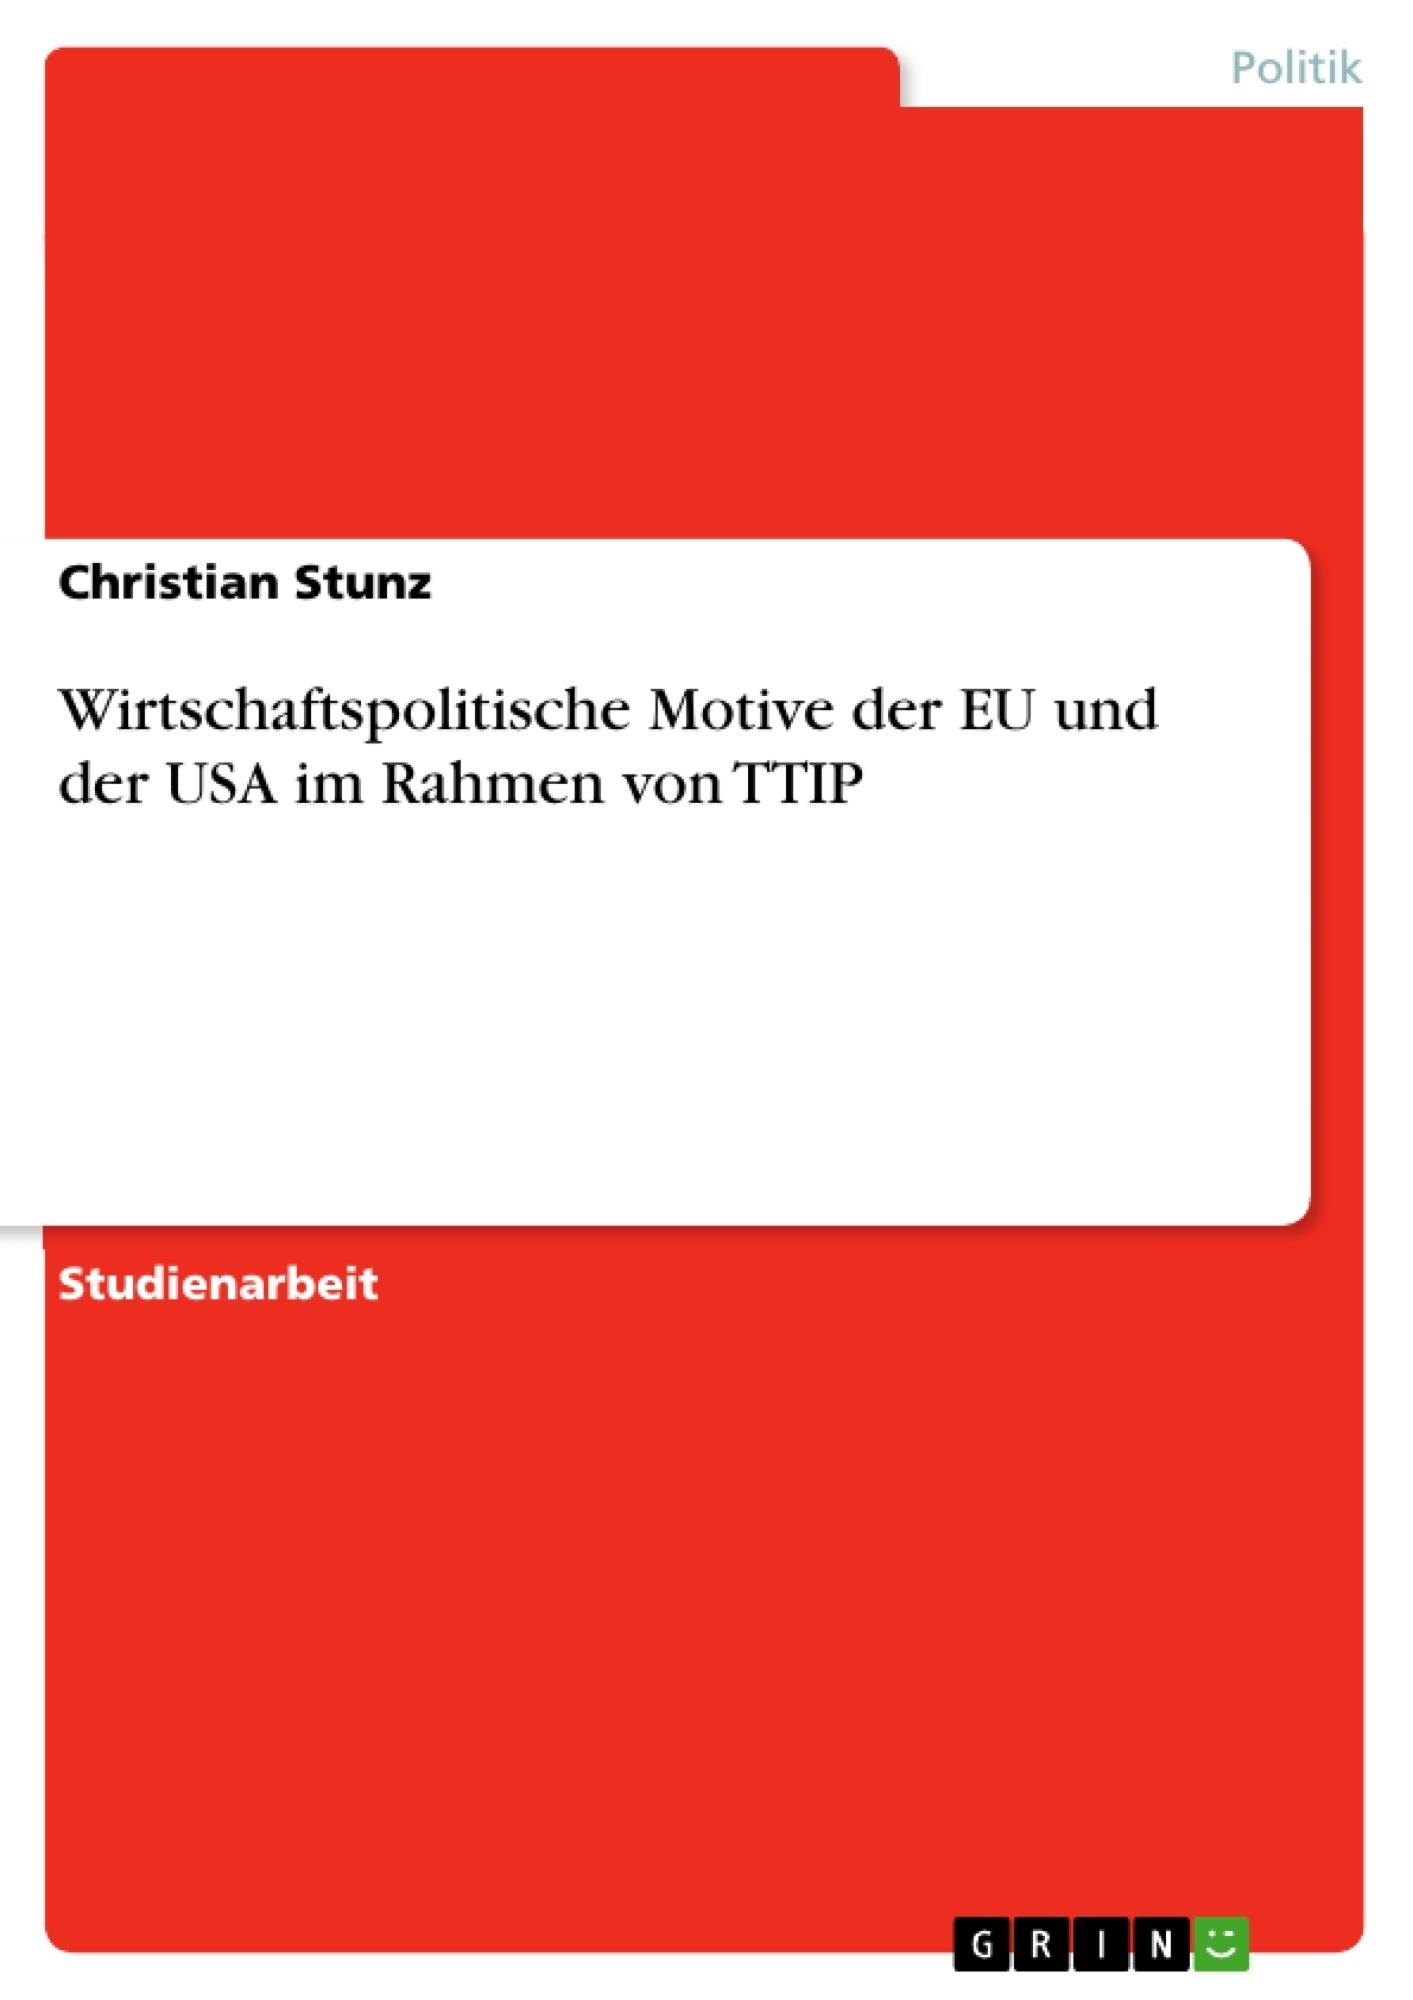 Titel: Wirtschaftspolitische Motive der EU und der USA im Rahmen von TTIP